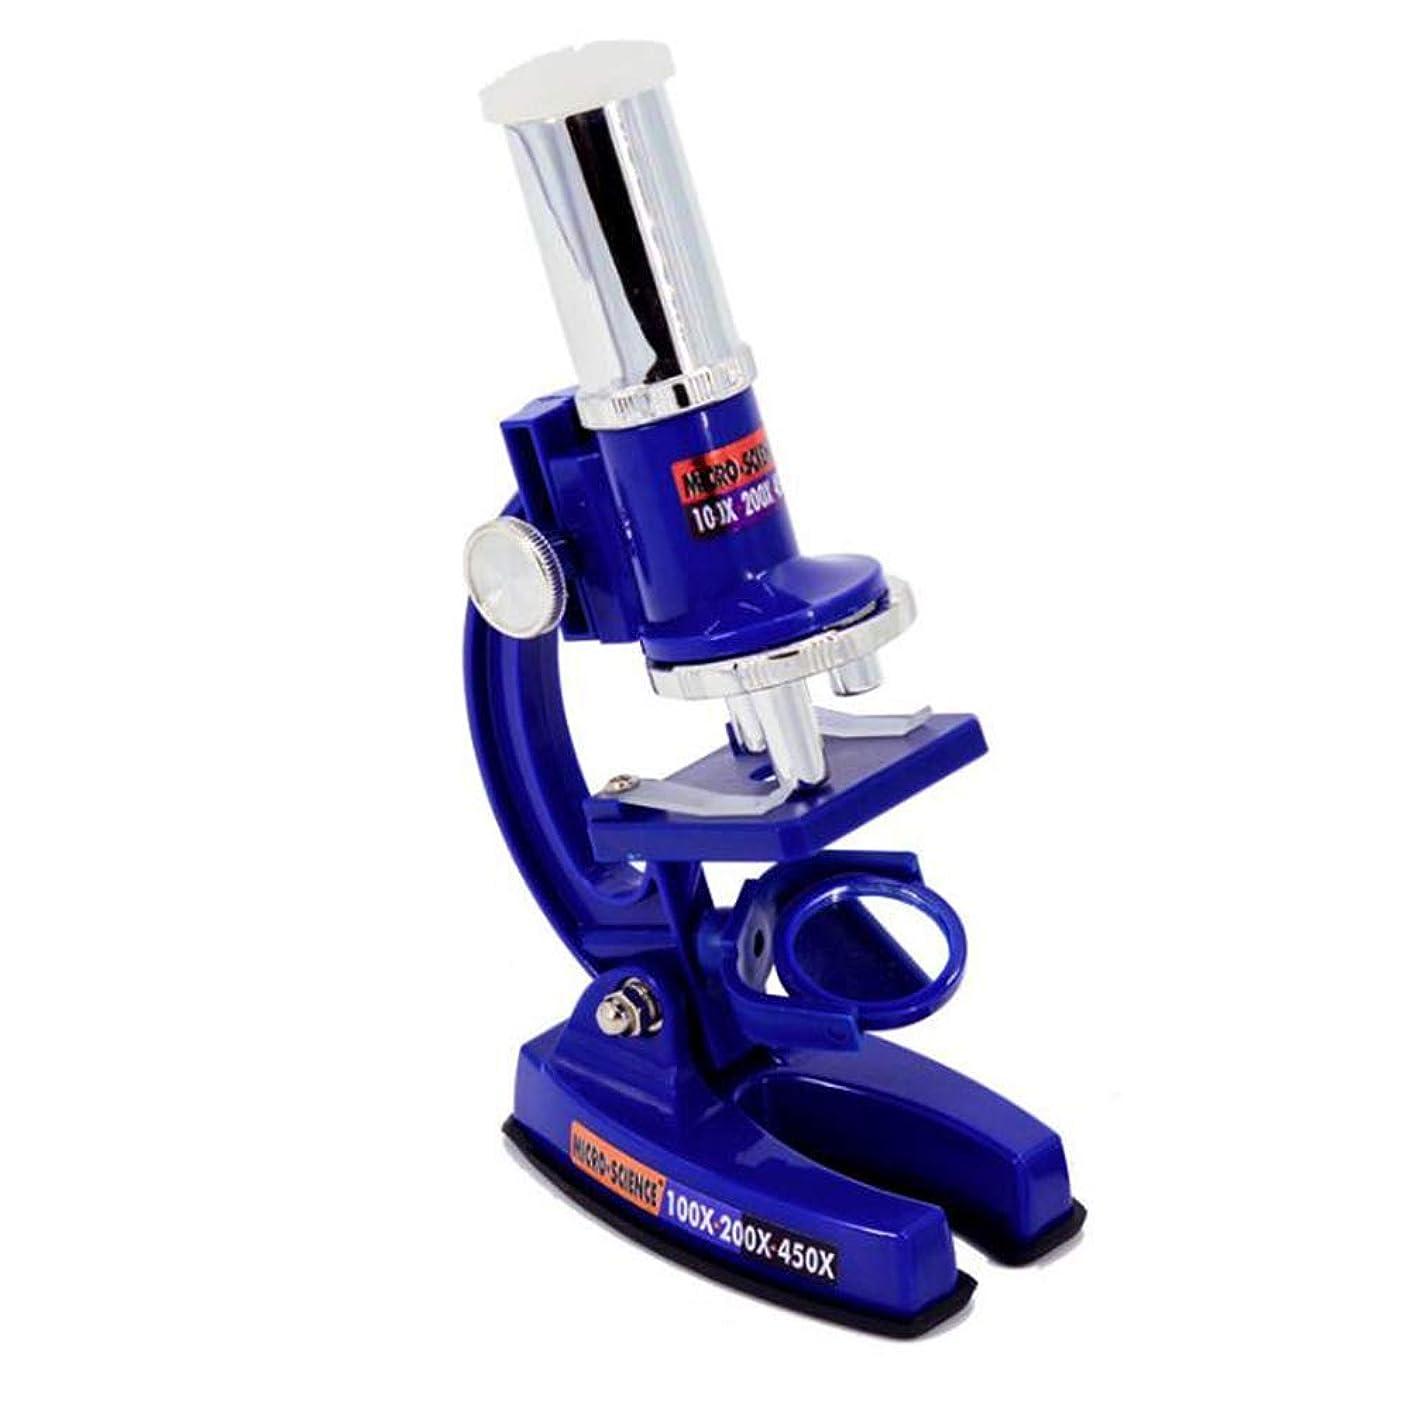 アシスタント真剣に欠陥子供の実験学習のための子供、専門の学生の生物光学のためのHdの耐久の顕微鏡